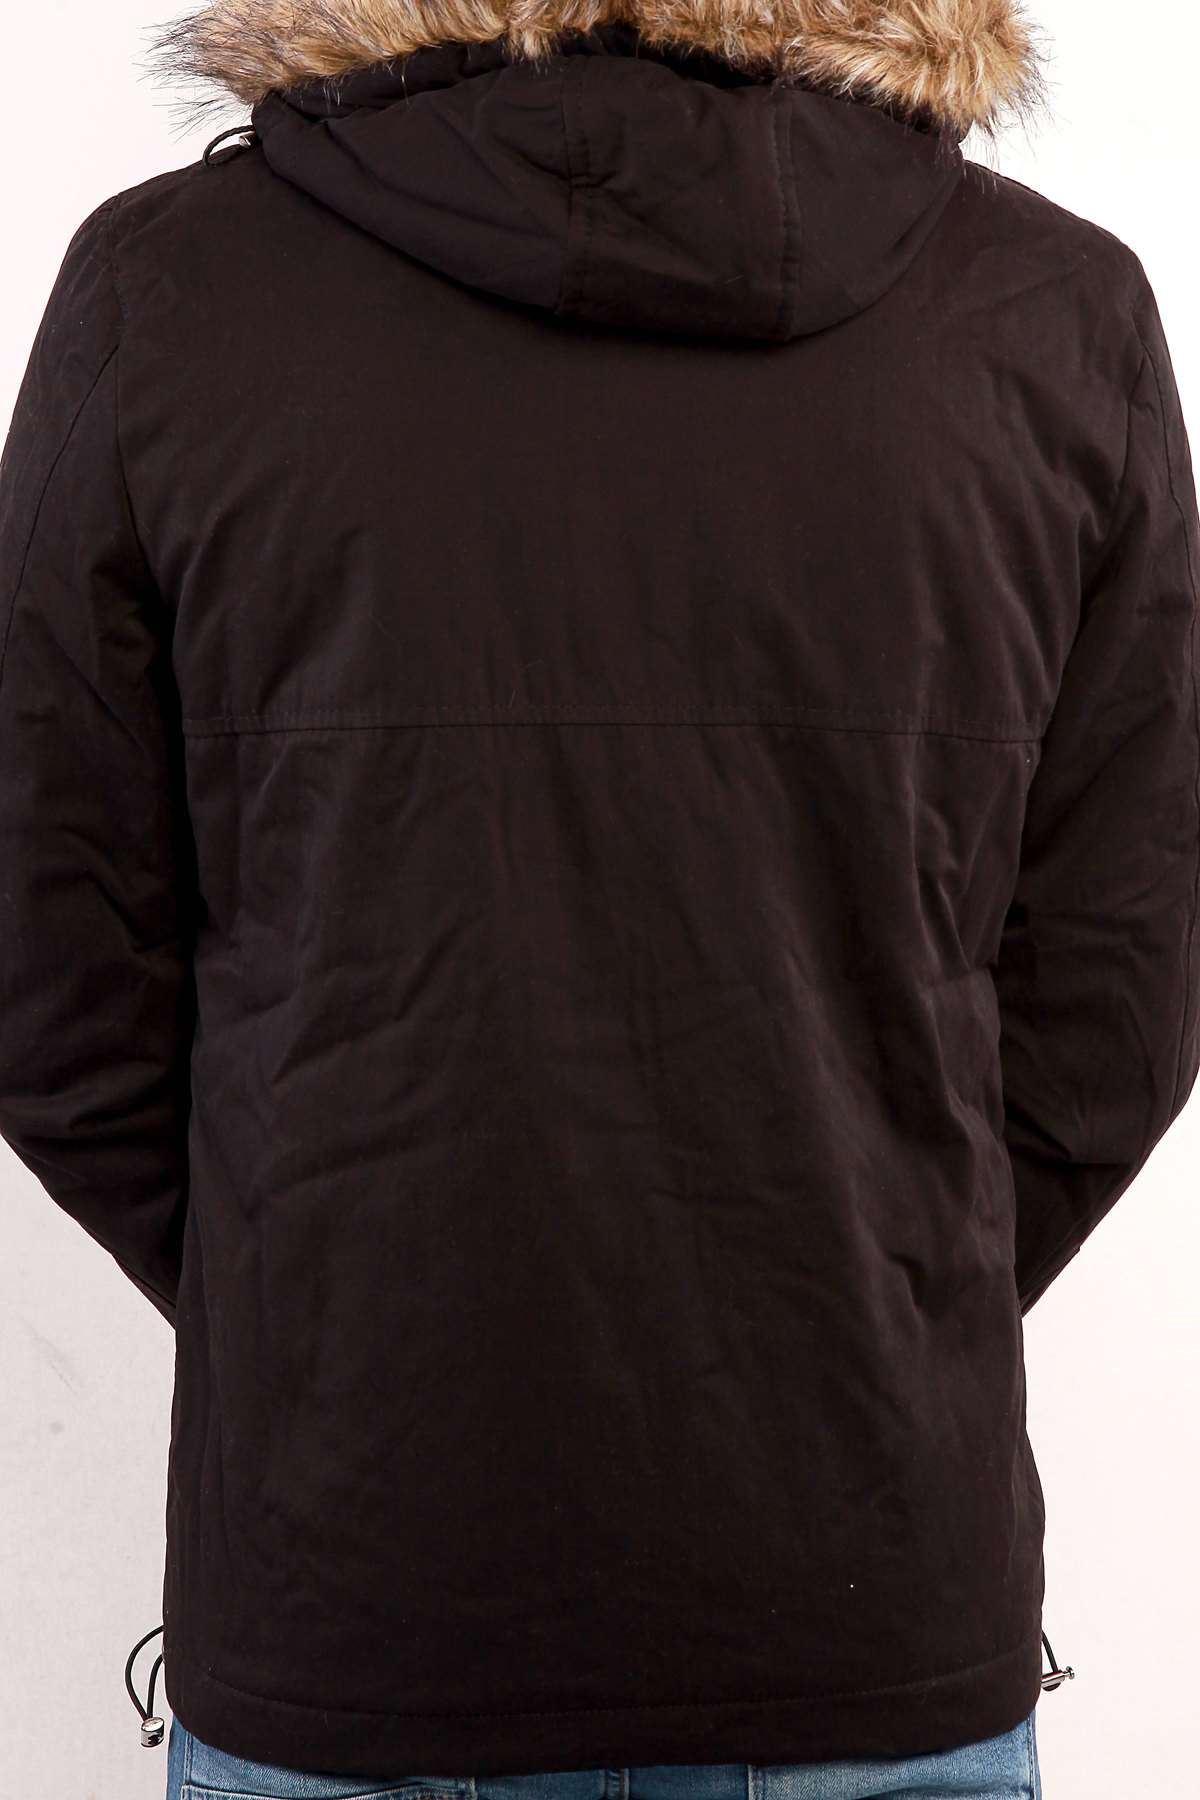 Kapşon Kürklü Çıtçıt Cepli Boydan Fermuarlı Mont Siyah